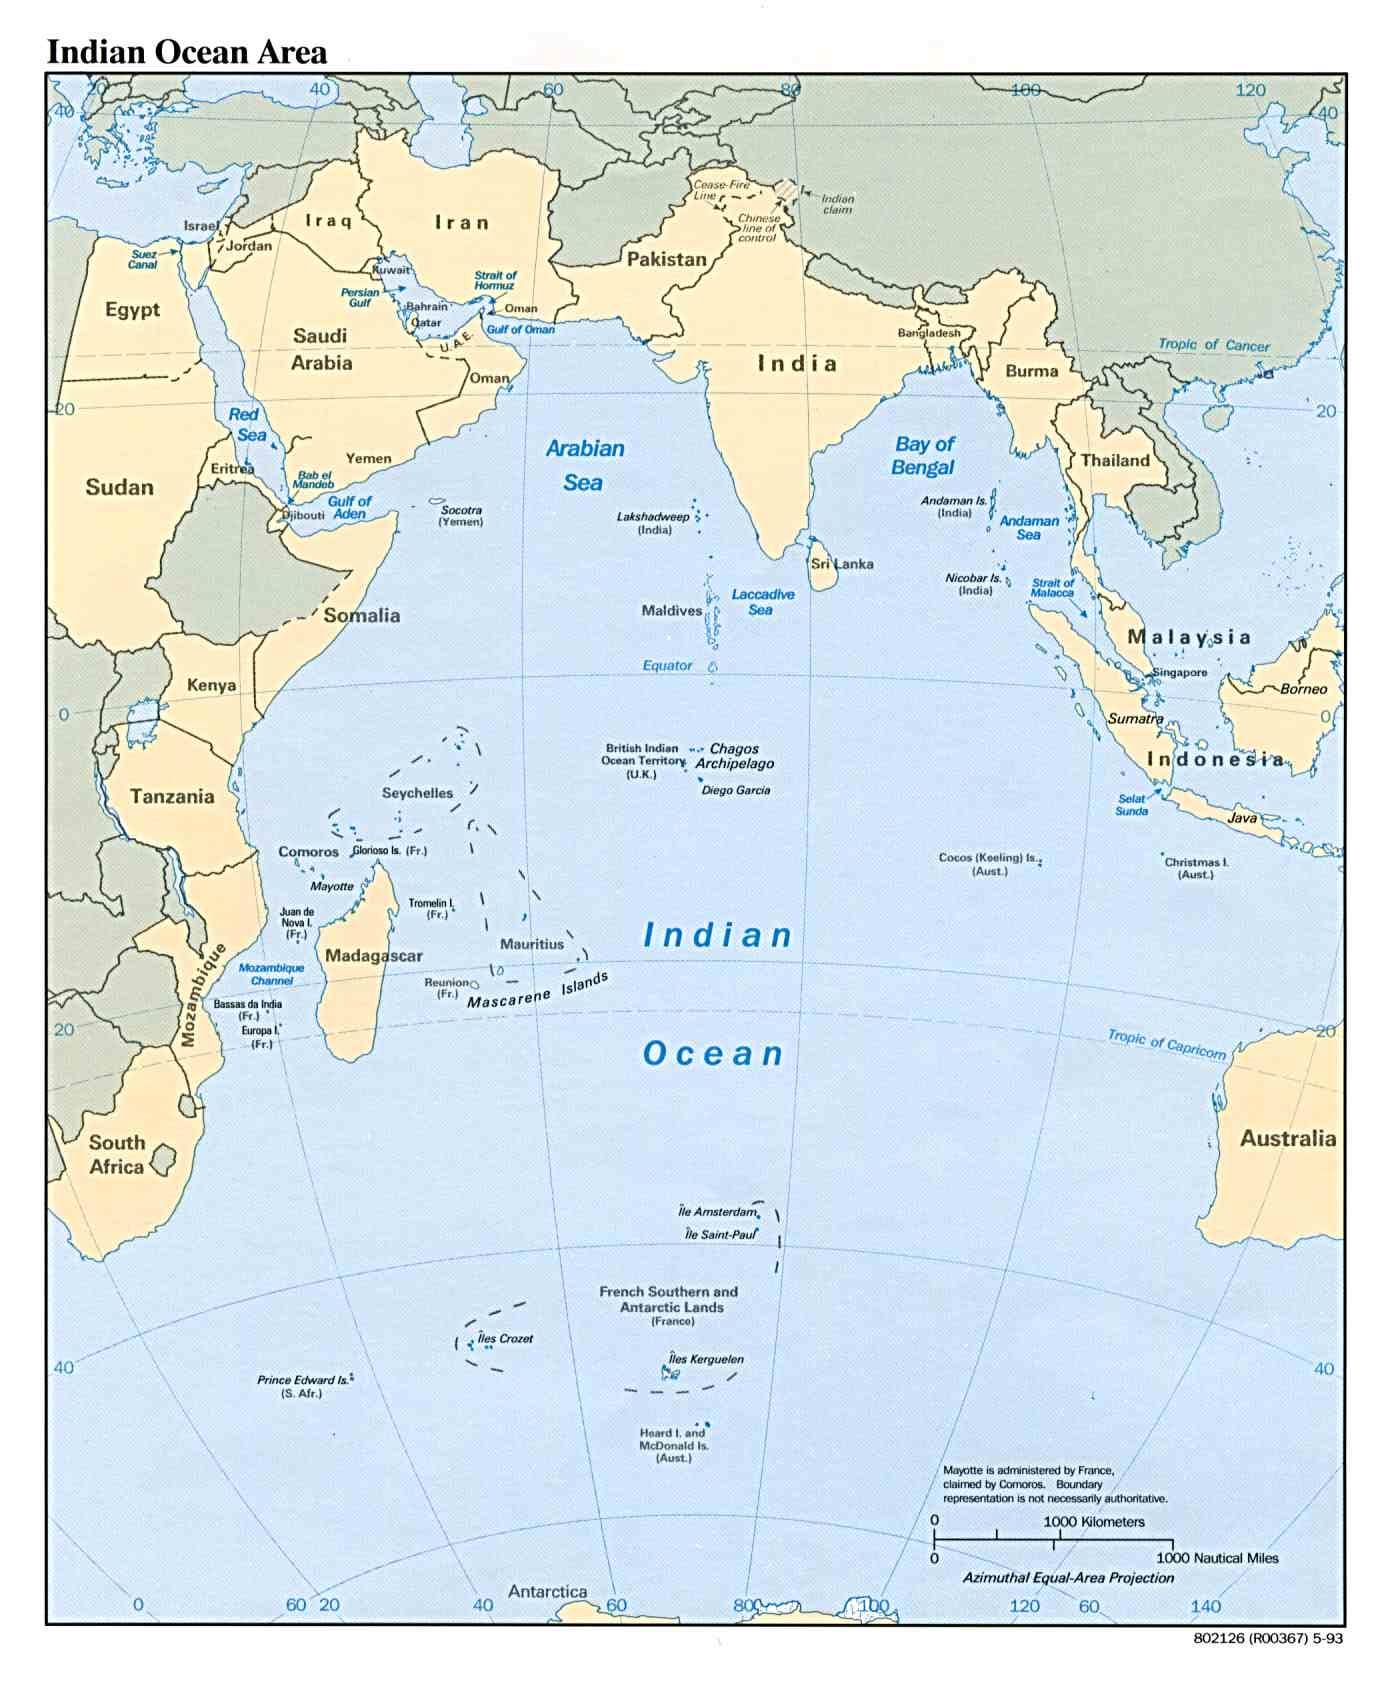 Región del Océano Índico 1993